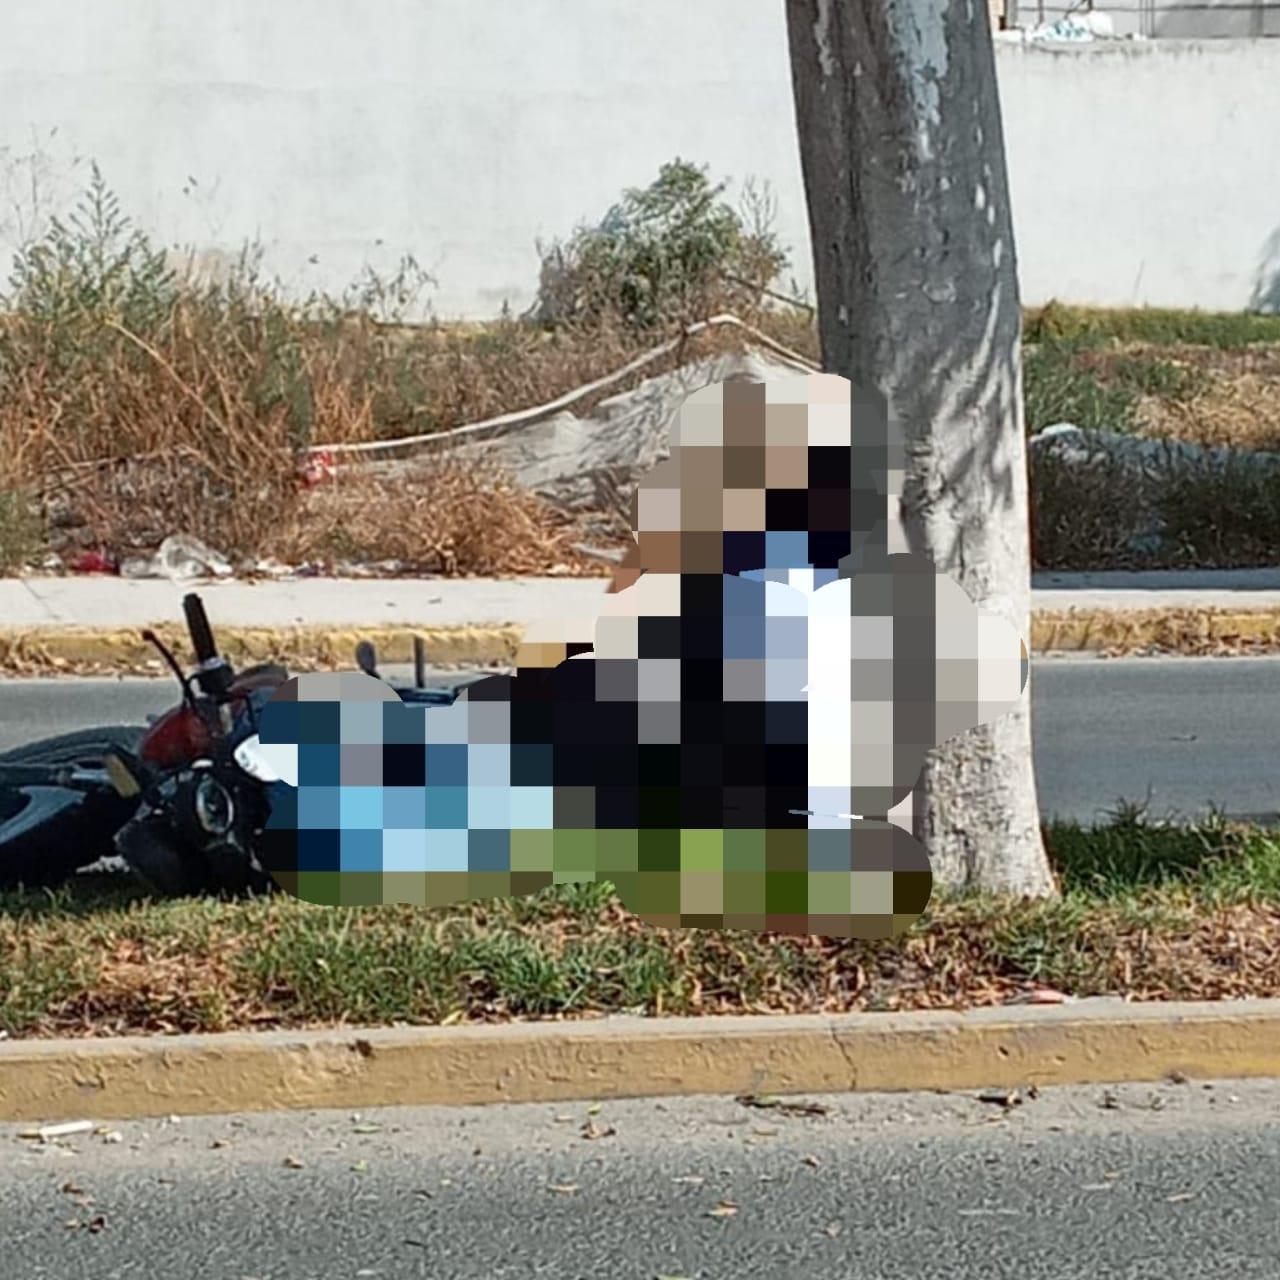 La mitad de llamadas de emergencia en Huixcolotla son por accidentes de motociclistas